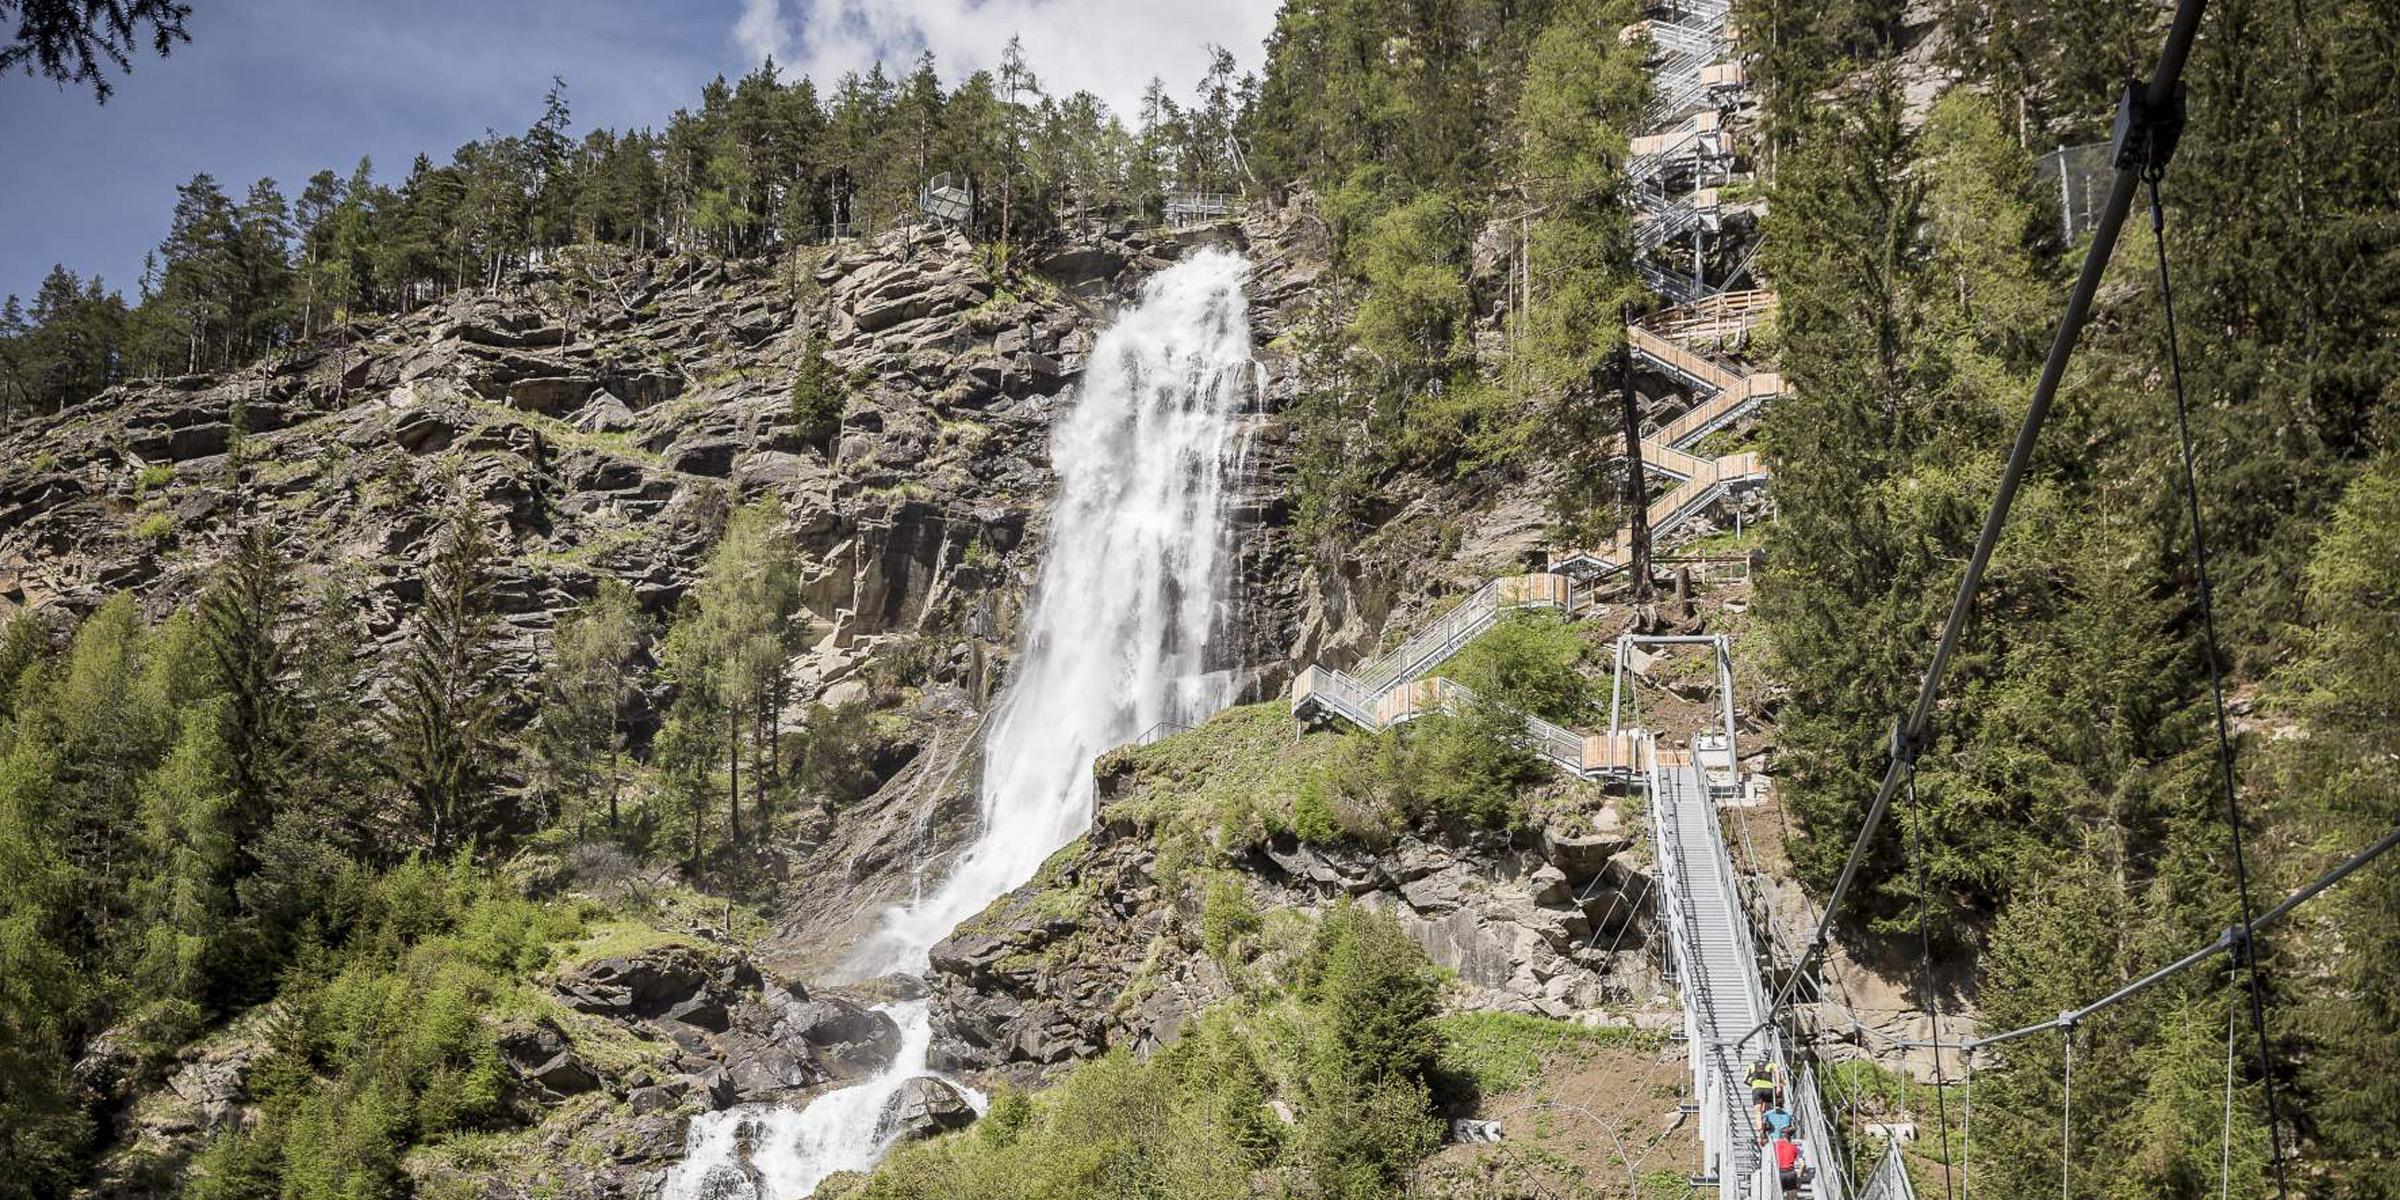 Das Trailrunning-Goldstück im Herzen des Ötztals